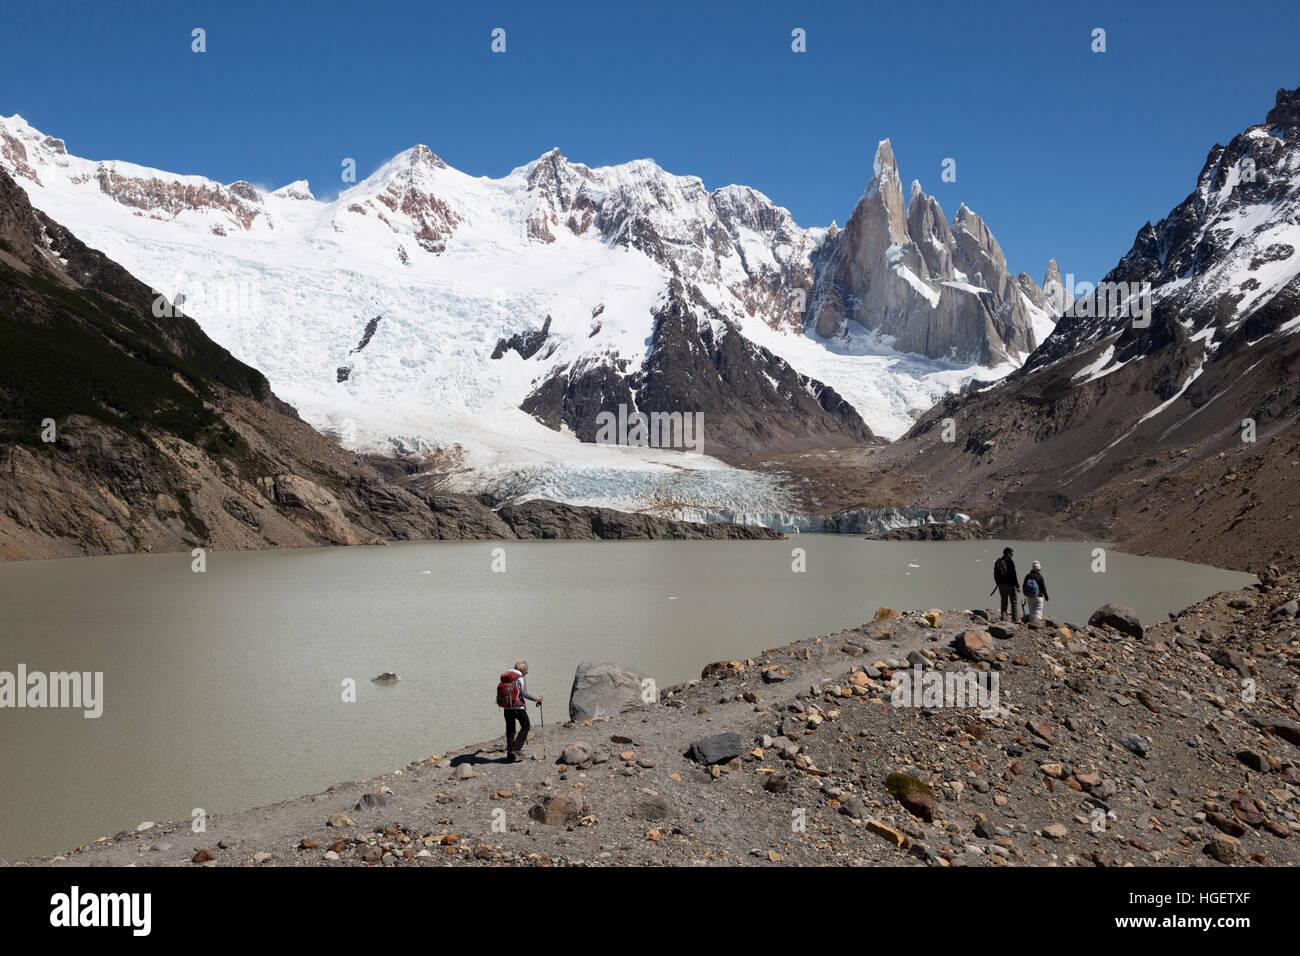 Gli escursionisti a piedi dalla Laguna Torre con vista del Cerro Torre, El Chalten, Patagonia, Argentina, Sud America Immagini Stock